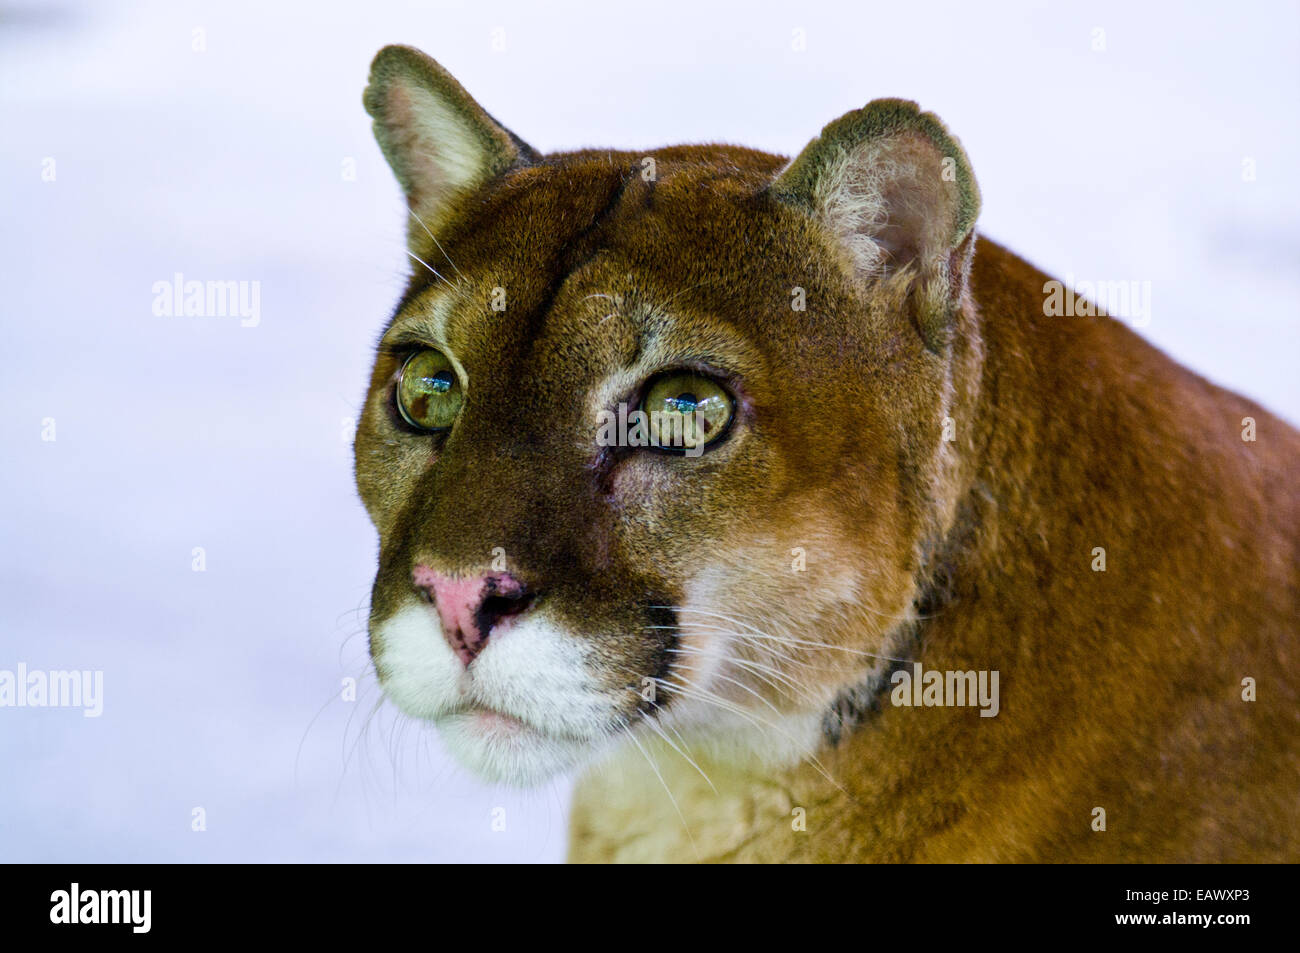 Il curioso ancora lo sguardo sereno di un Leone di montagna con calce occhi verdi. Immagini Stock